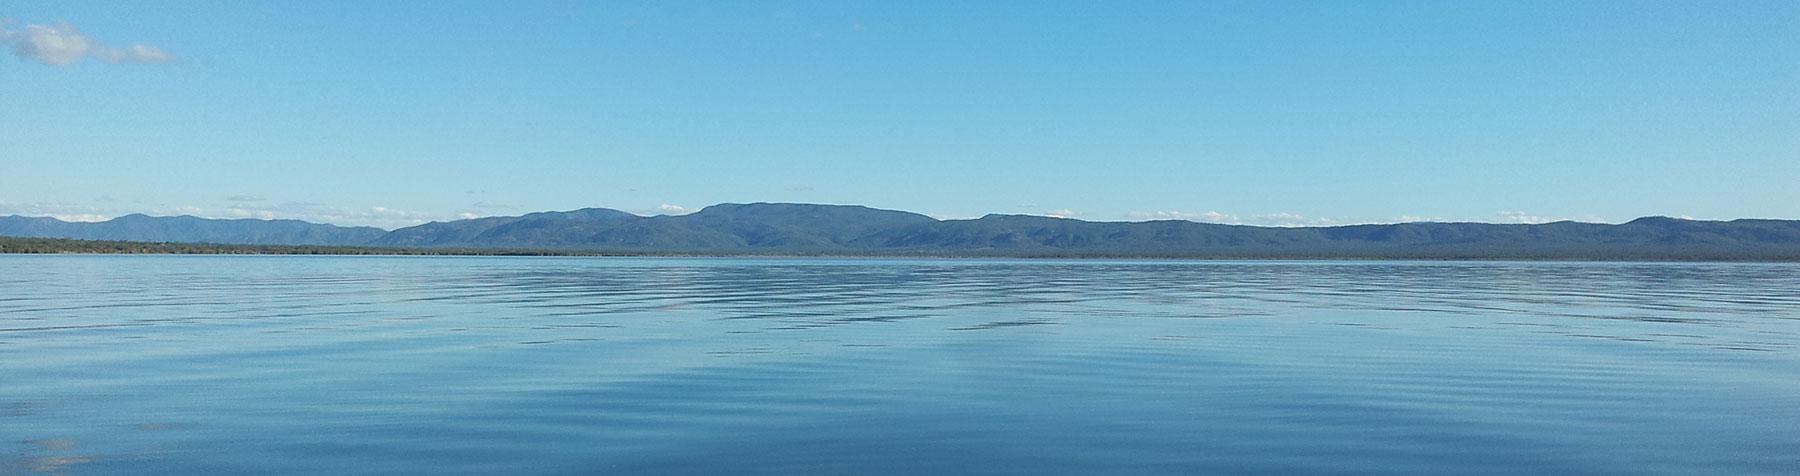 Lake Proserpine